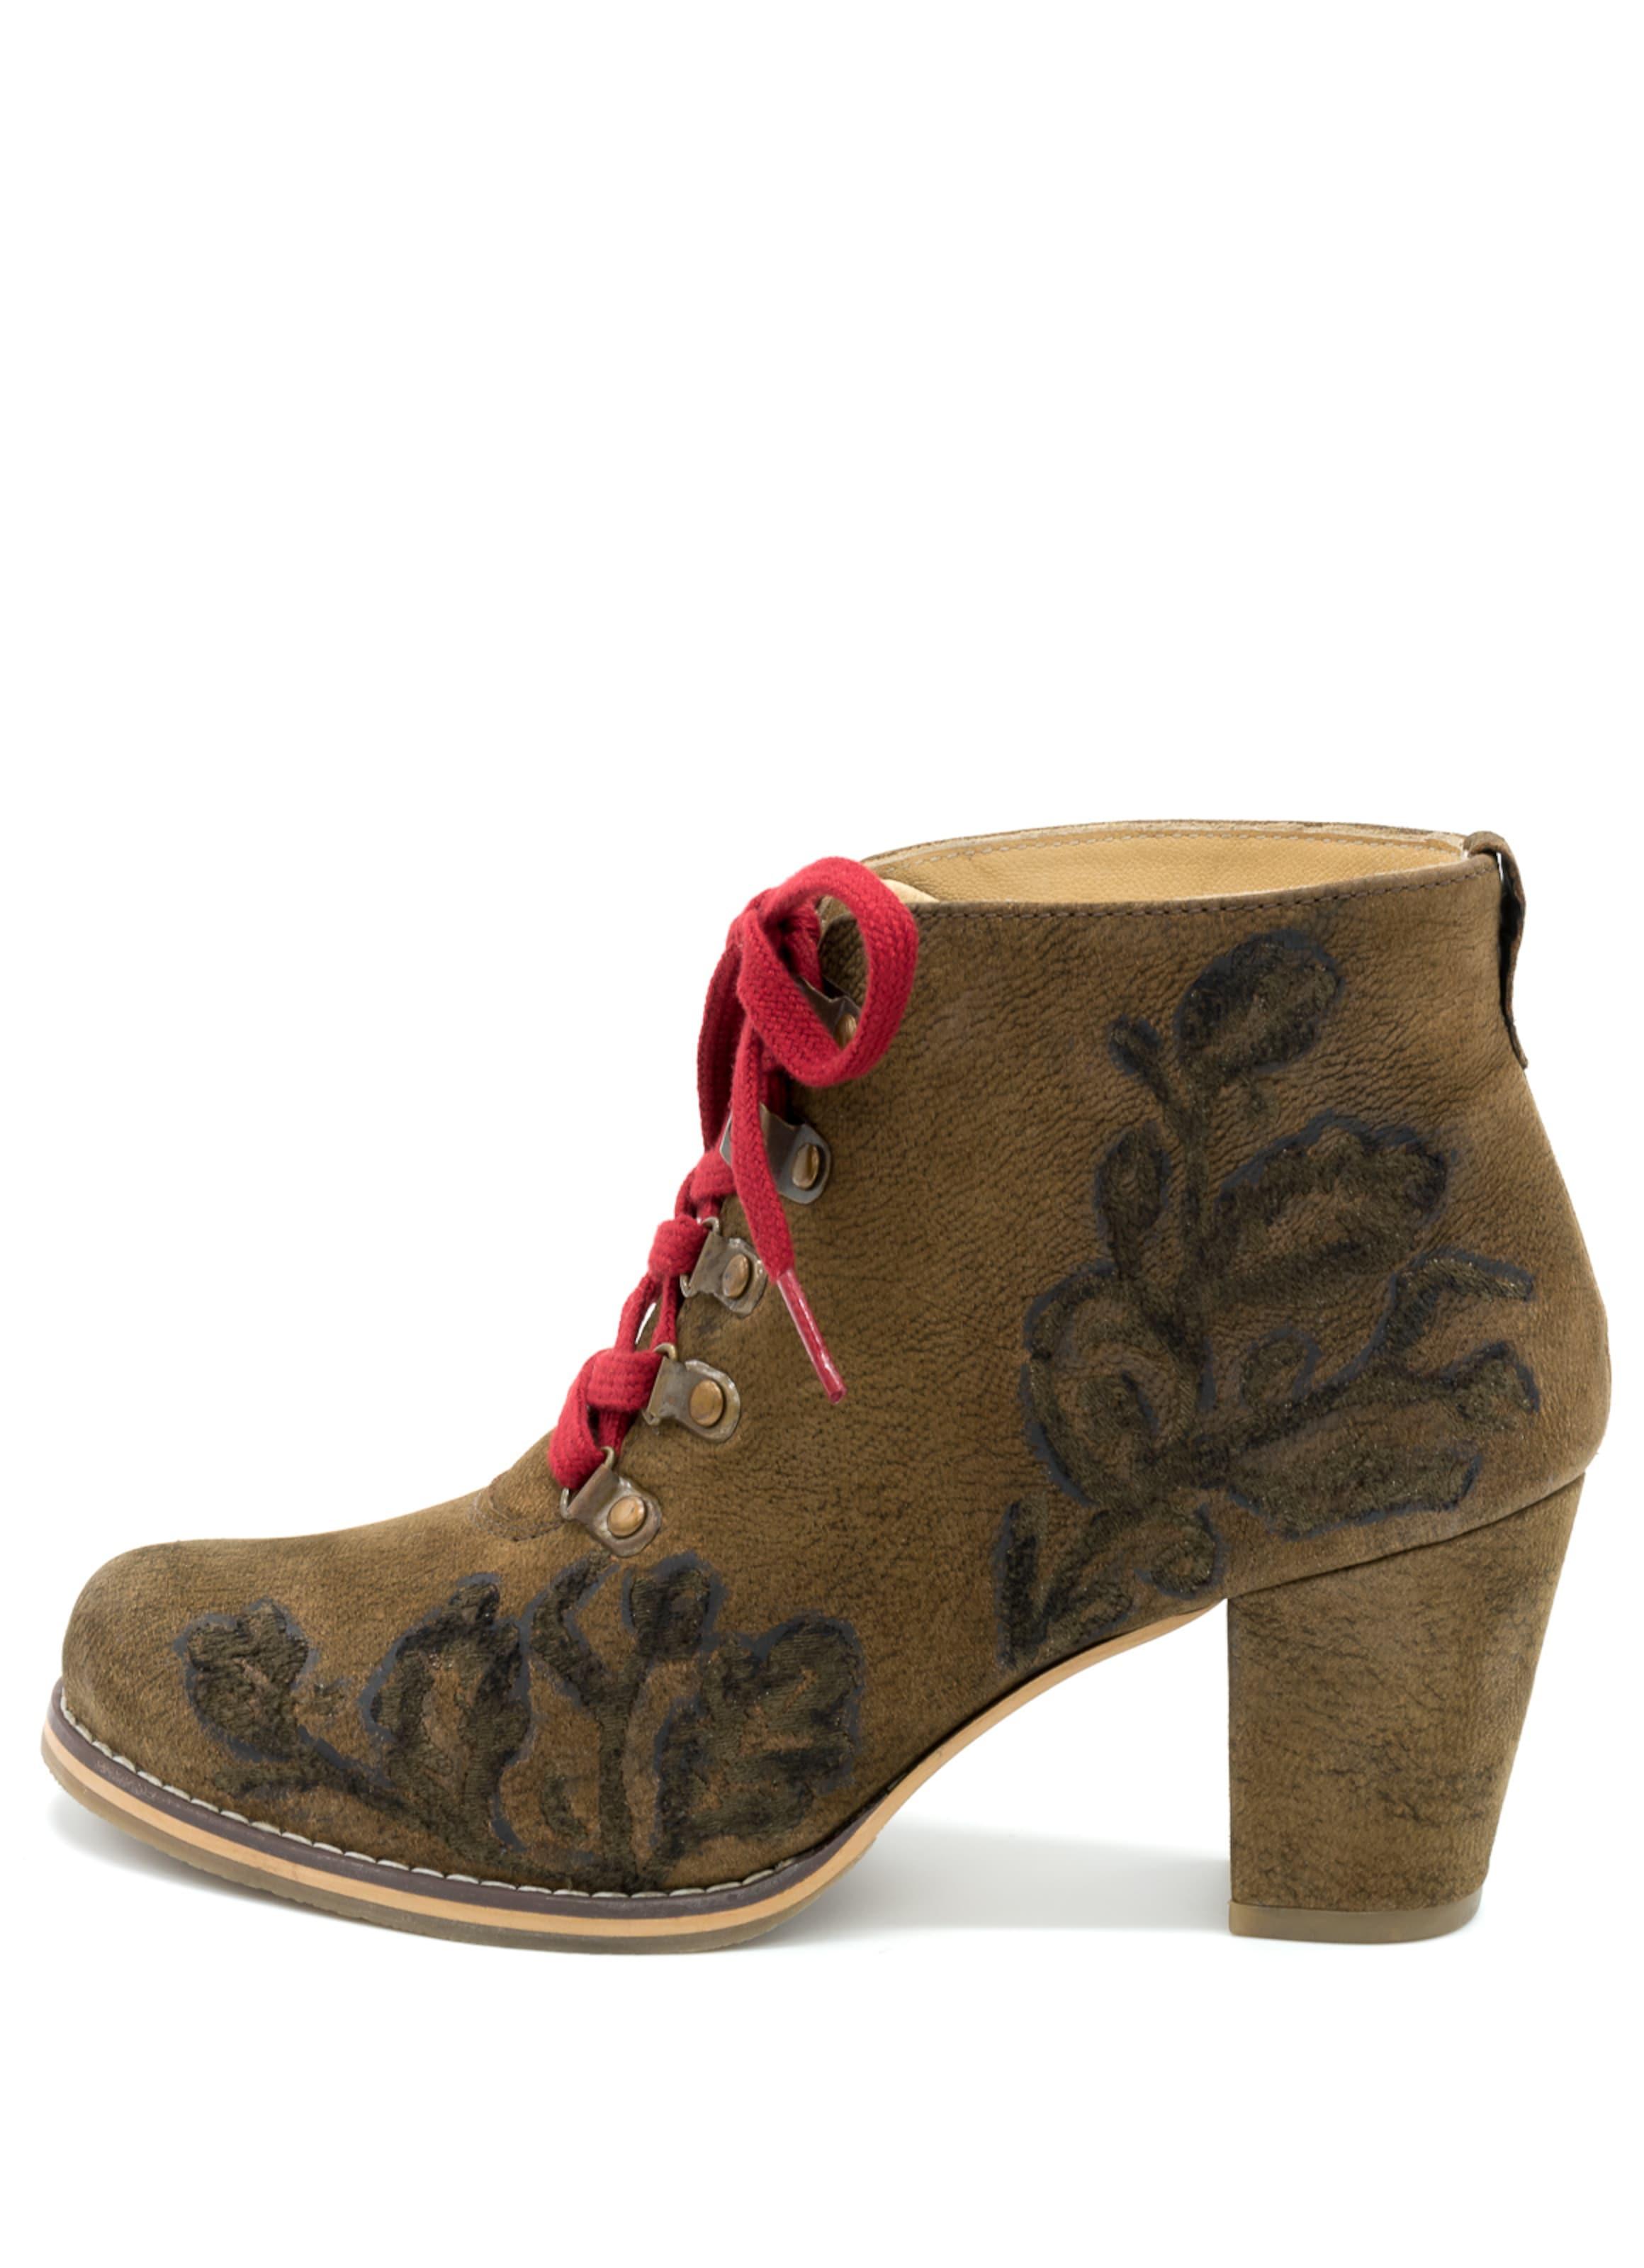 SPIETH & WENSKY | | WENSKY Stiefel 'Ignatia' Schuhe Gut getragene Schuhe b23829